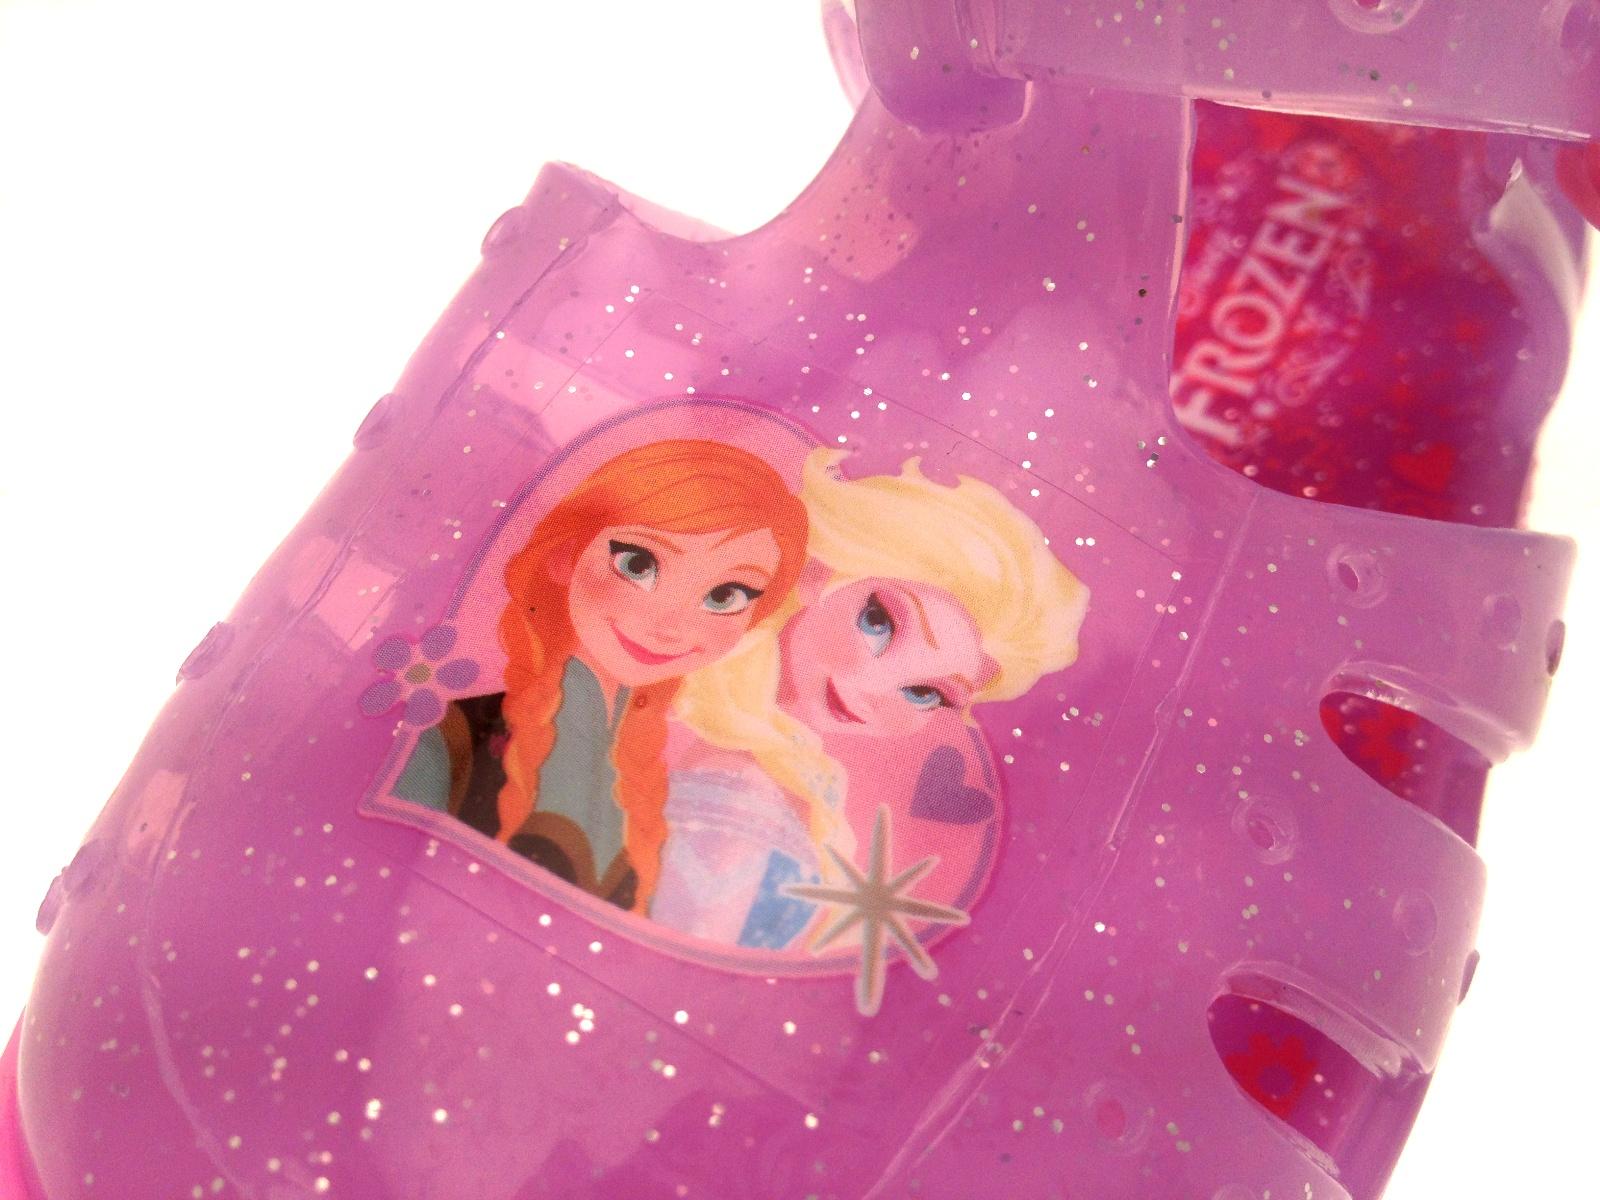 Girls Pink Frozen Elsa Anna Jelly Shoes Beach Glitter Sandals Jellies Kids Size